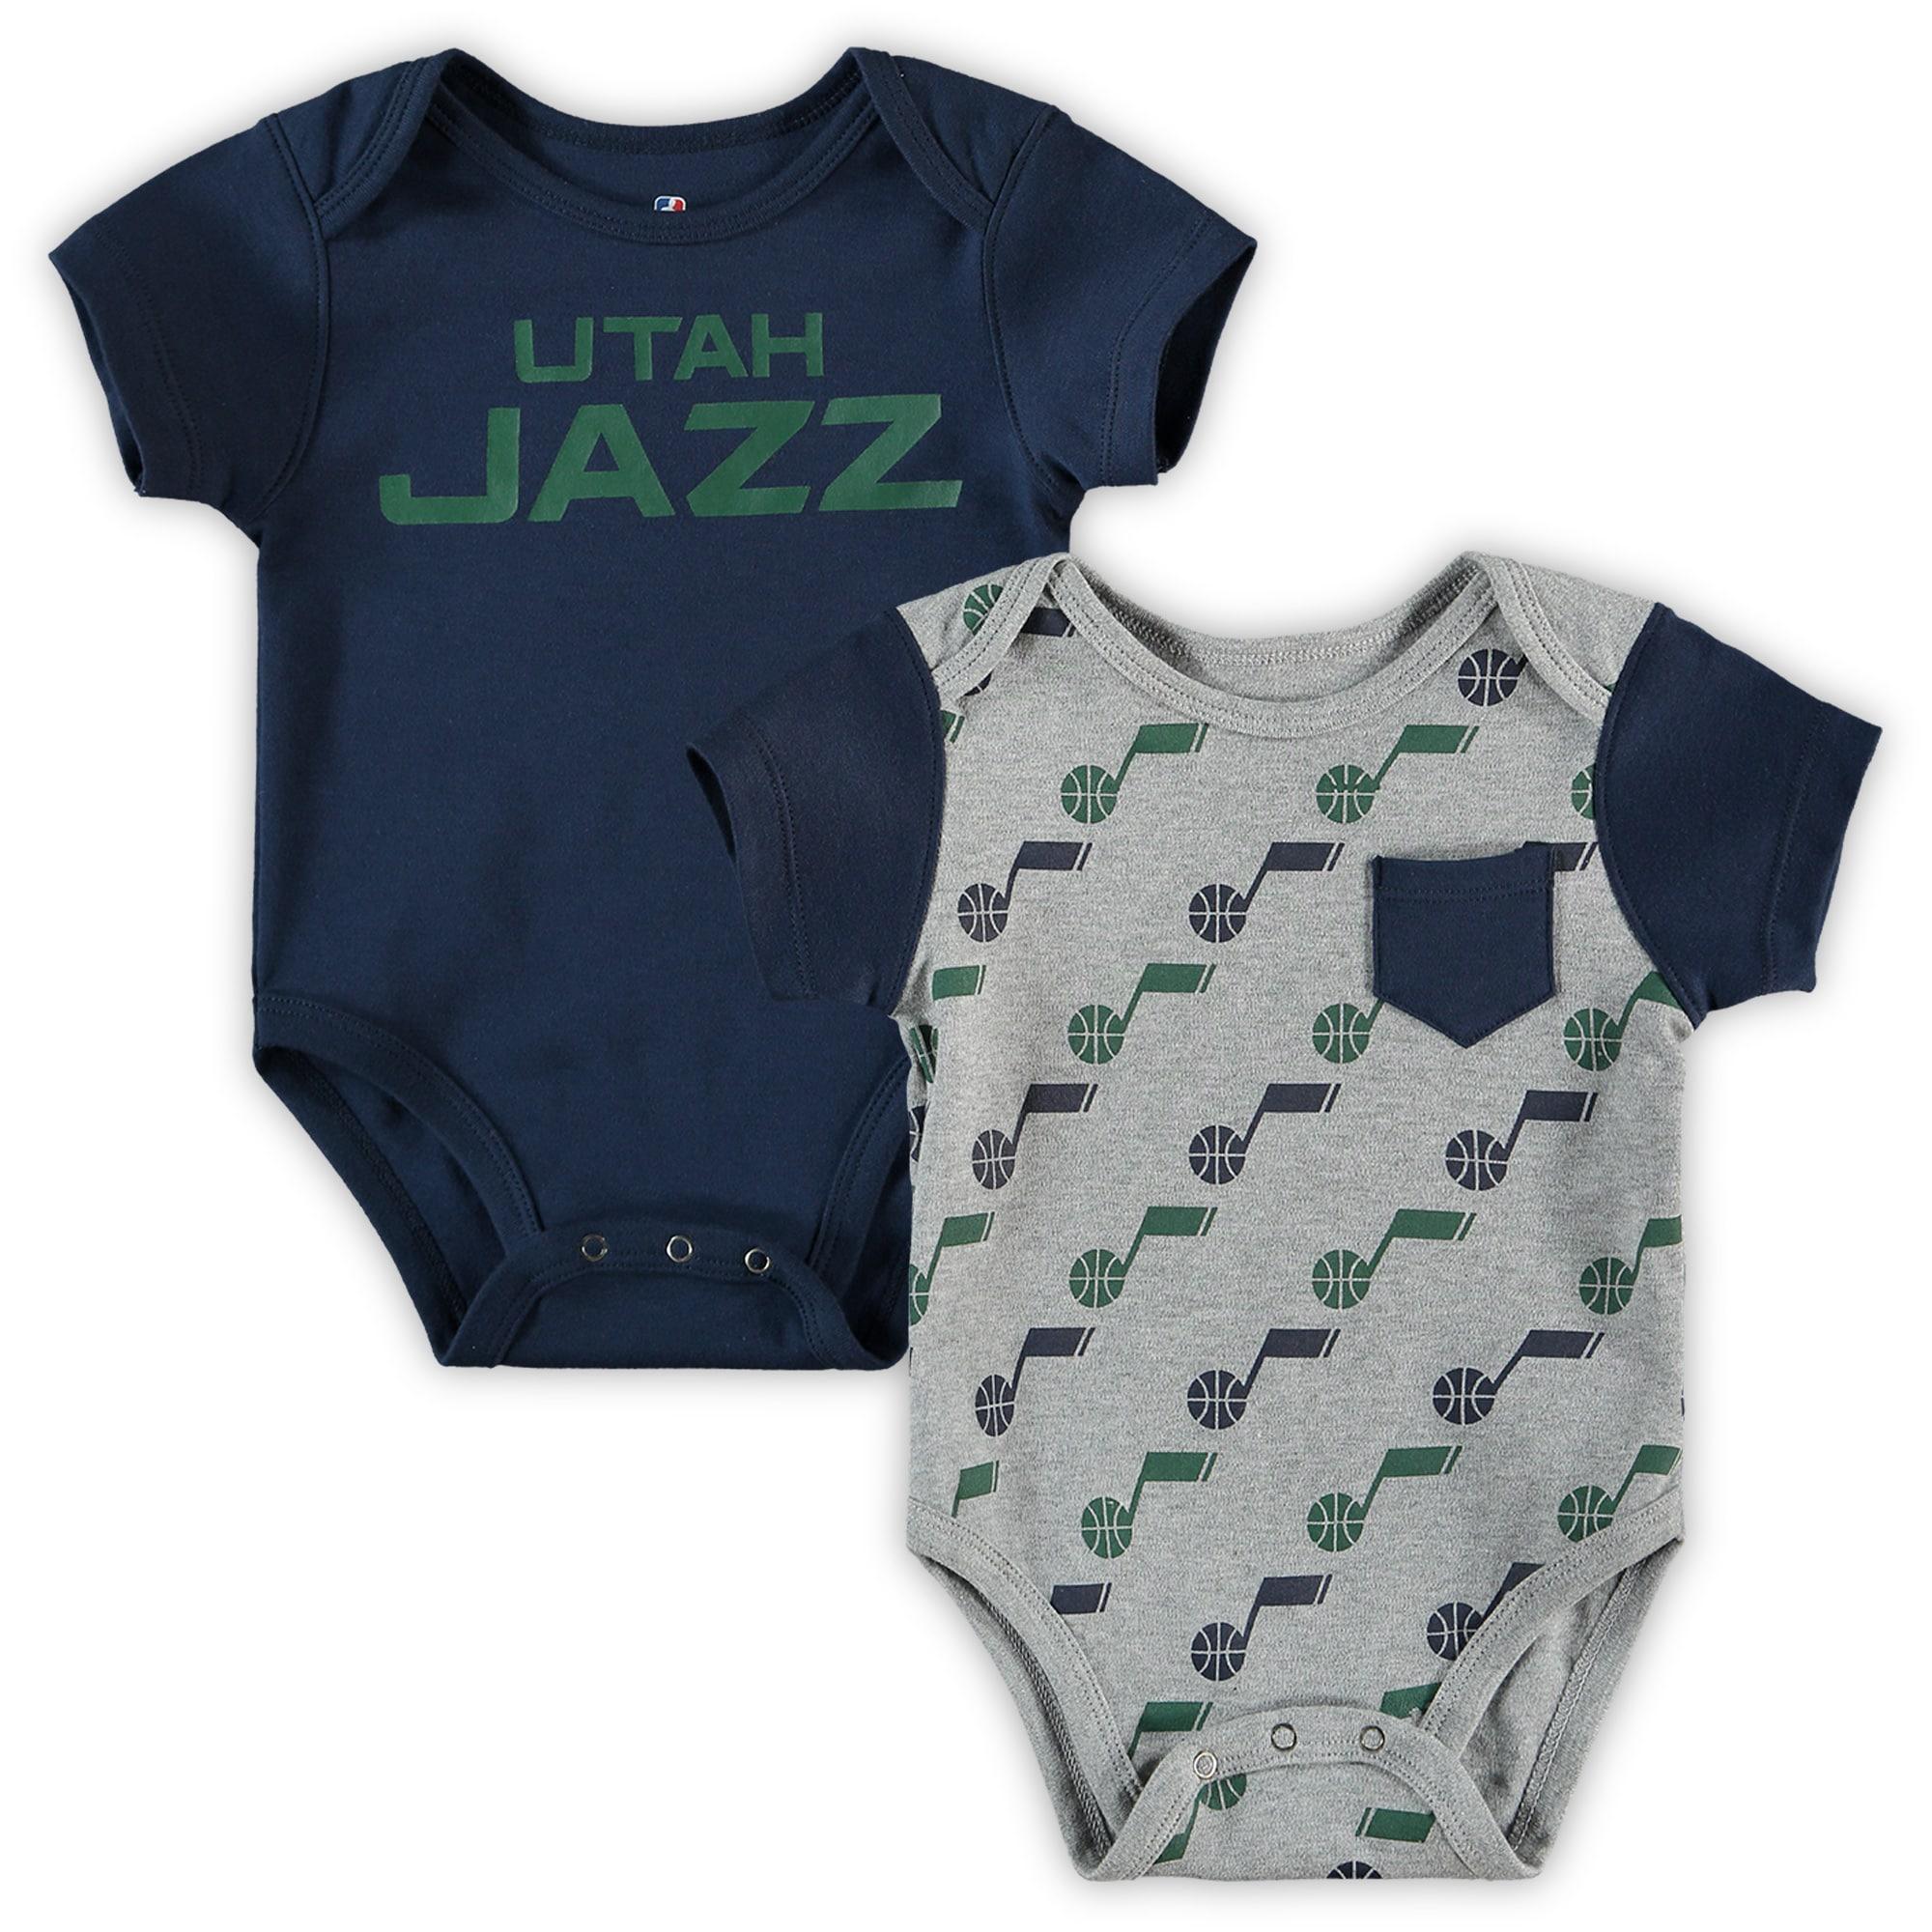 Utah Jazz Infant Little Baller 2-Pack Bodysuit Set - Navy/Heathered Gray